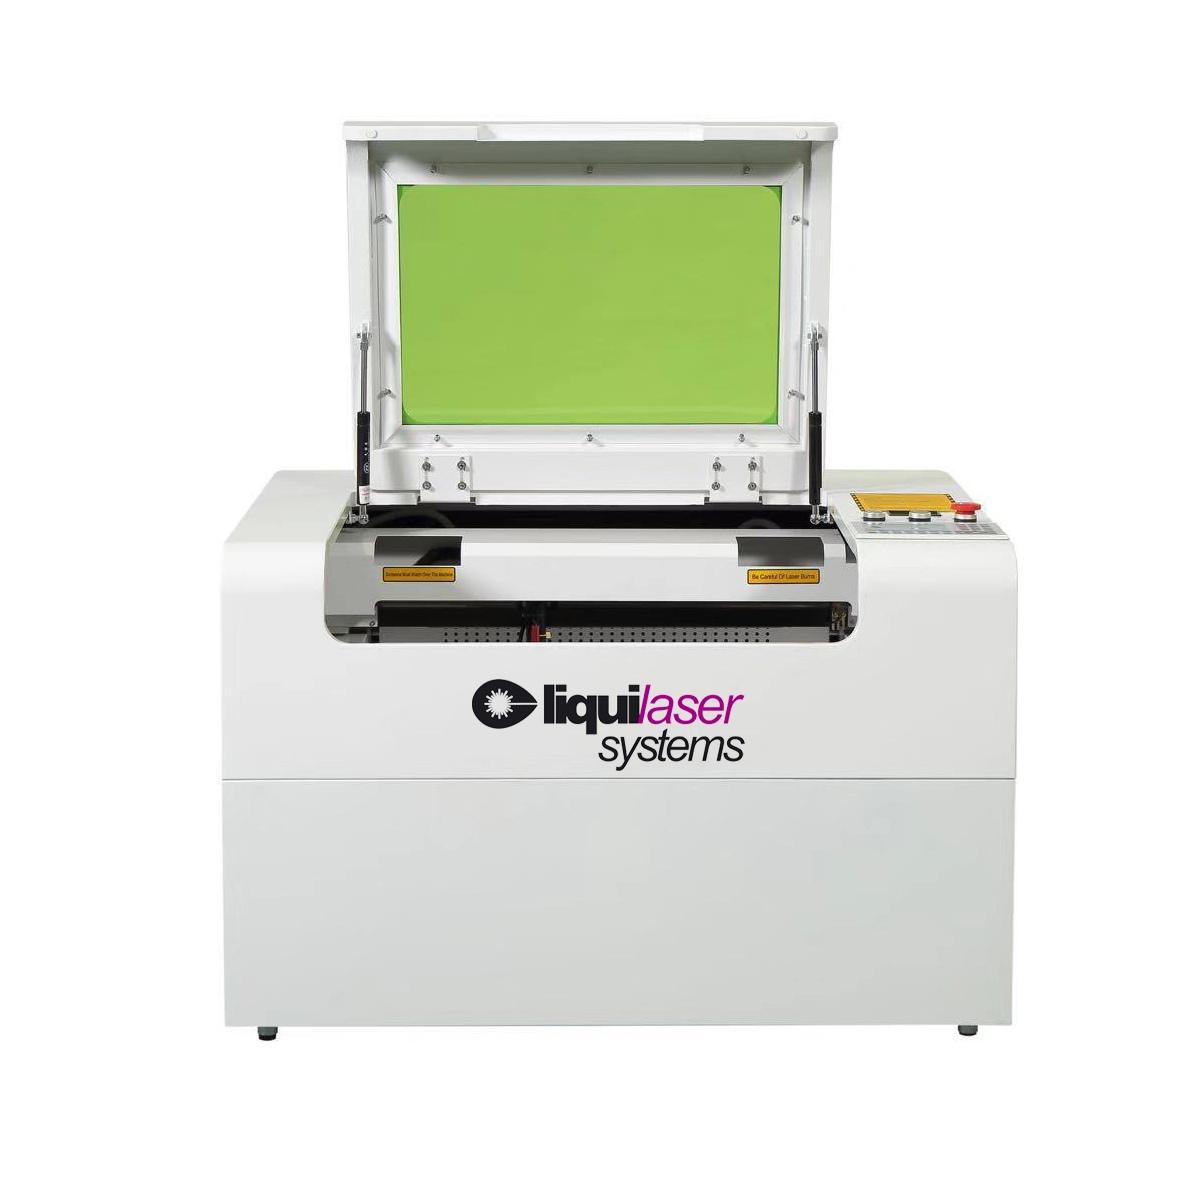 LiquiLaser EXPERT 6050EX